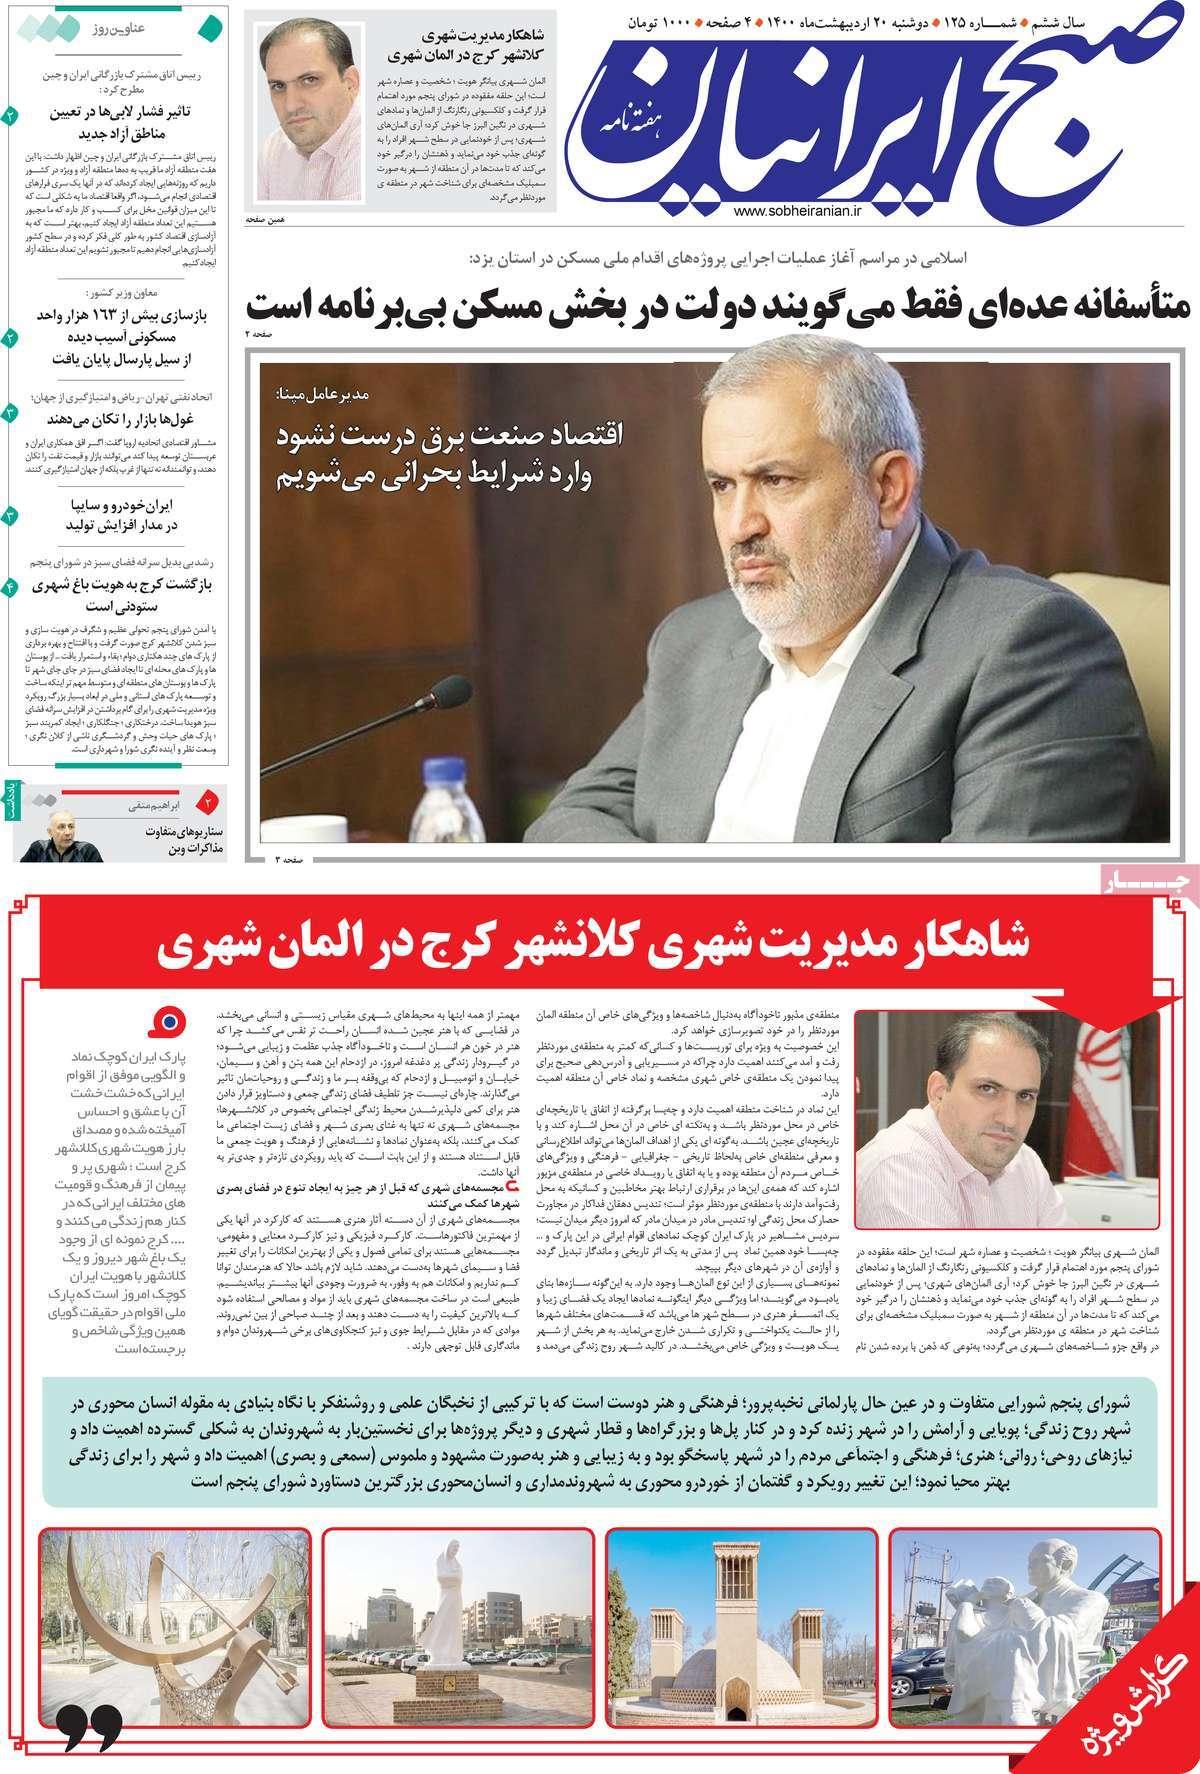 مجله صبح ایرانیان